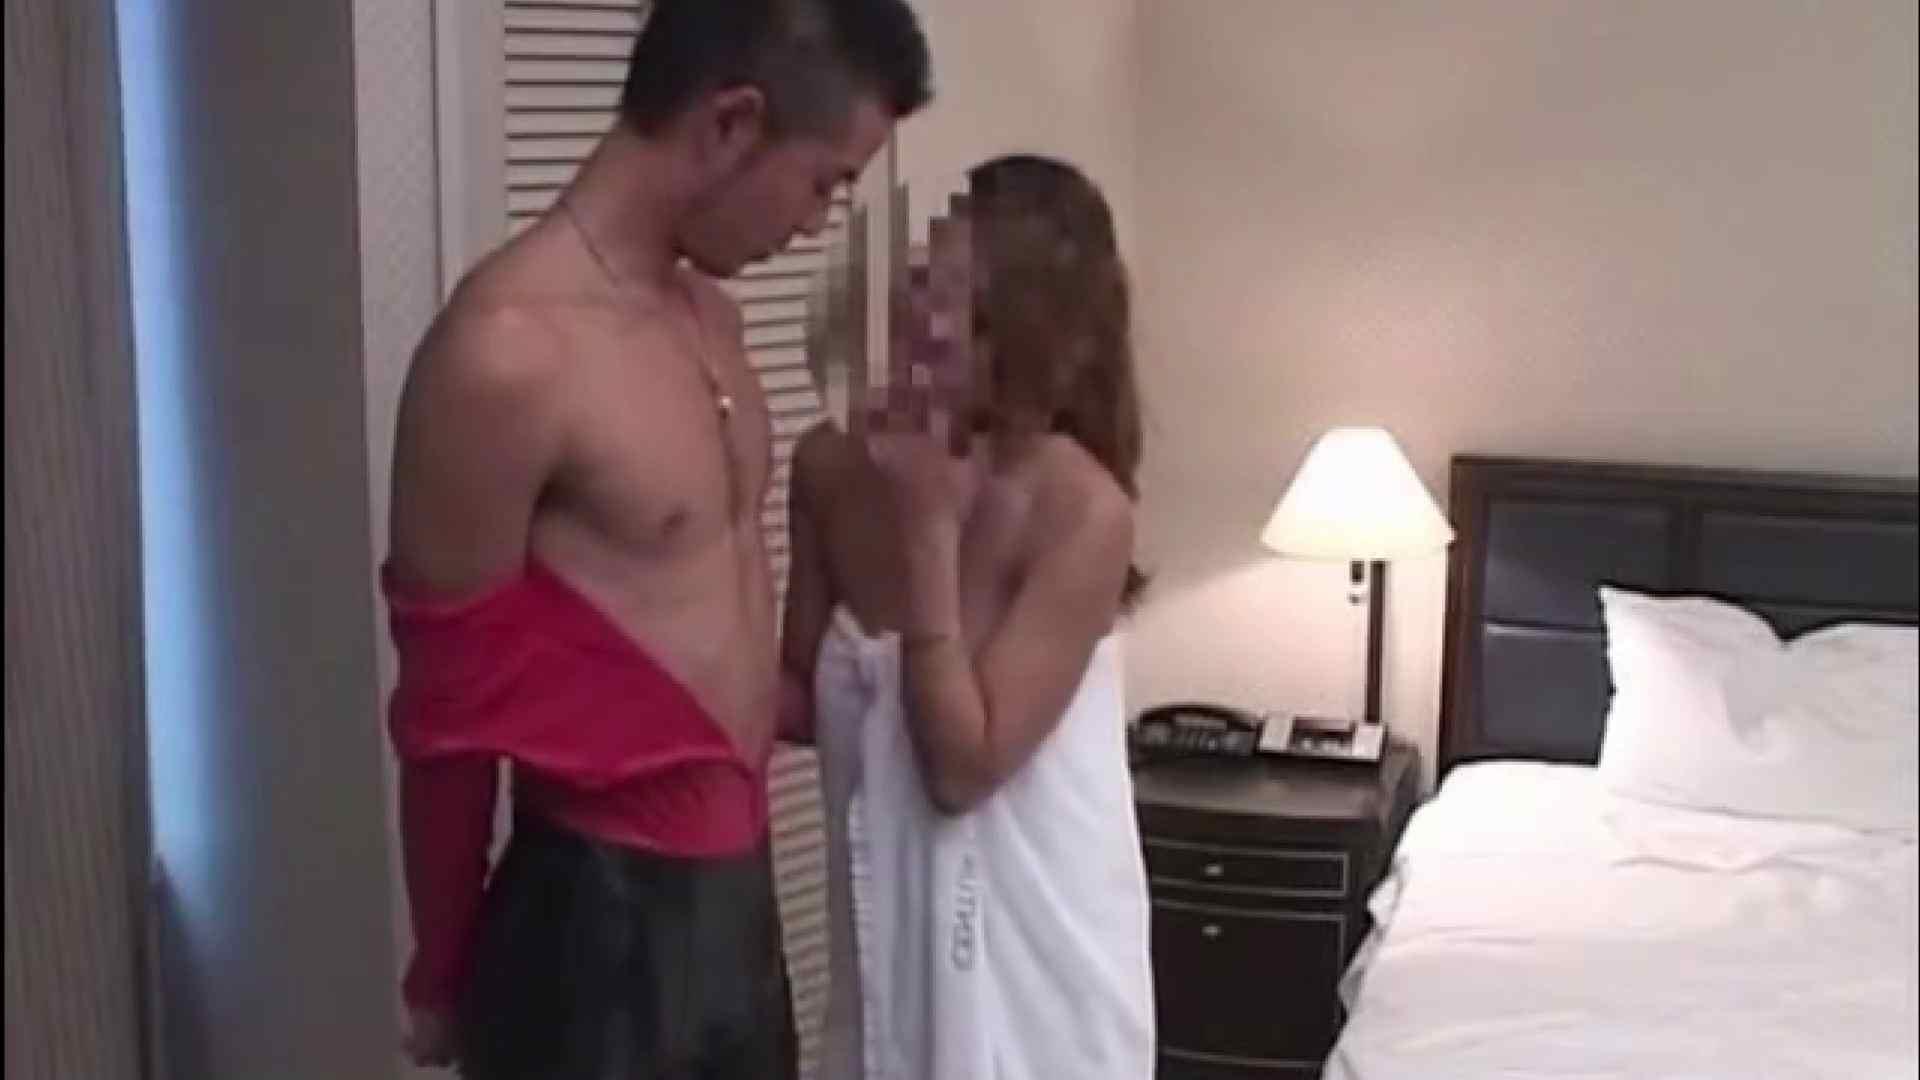 イケイケMEN'SCLUB vol.12前編 アナル舐め舐め ゲイエロ画像 86pic 61